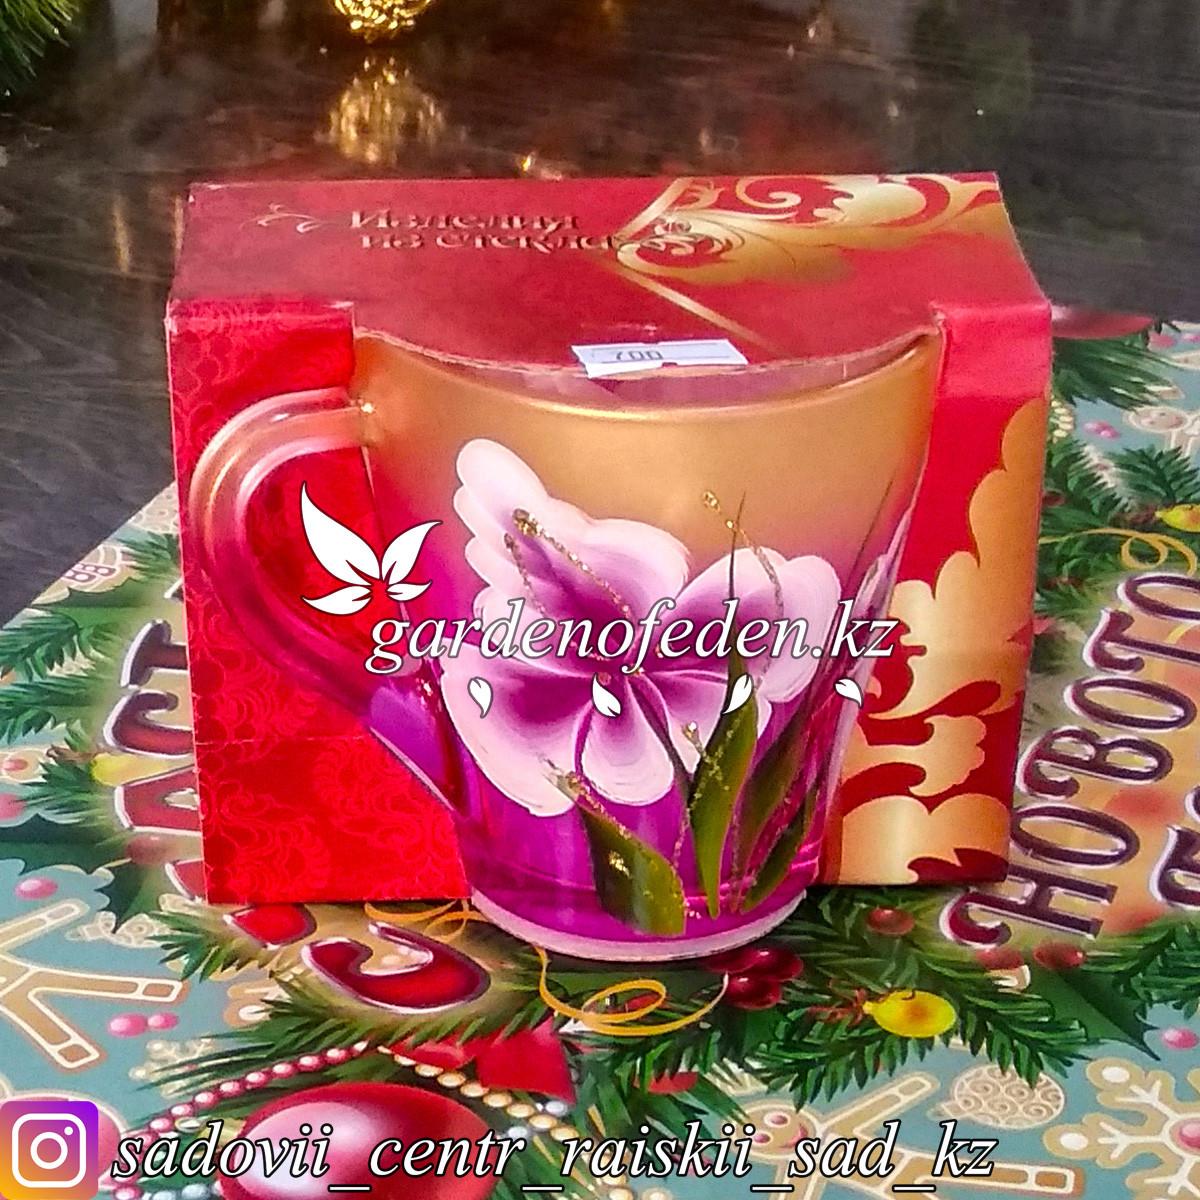 Кружка из цветного стекла с декором. Картонная упаковка. Цвет: Розовый/Золотой.